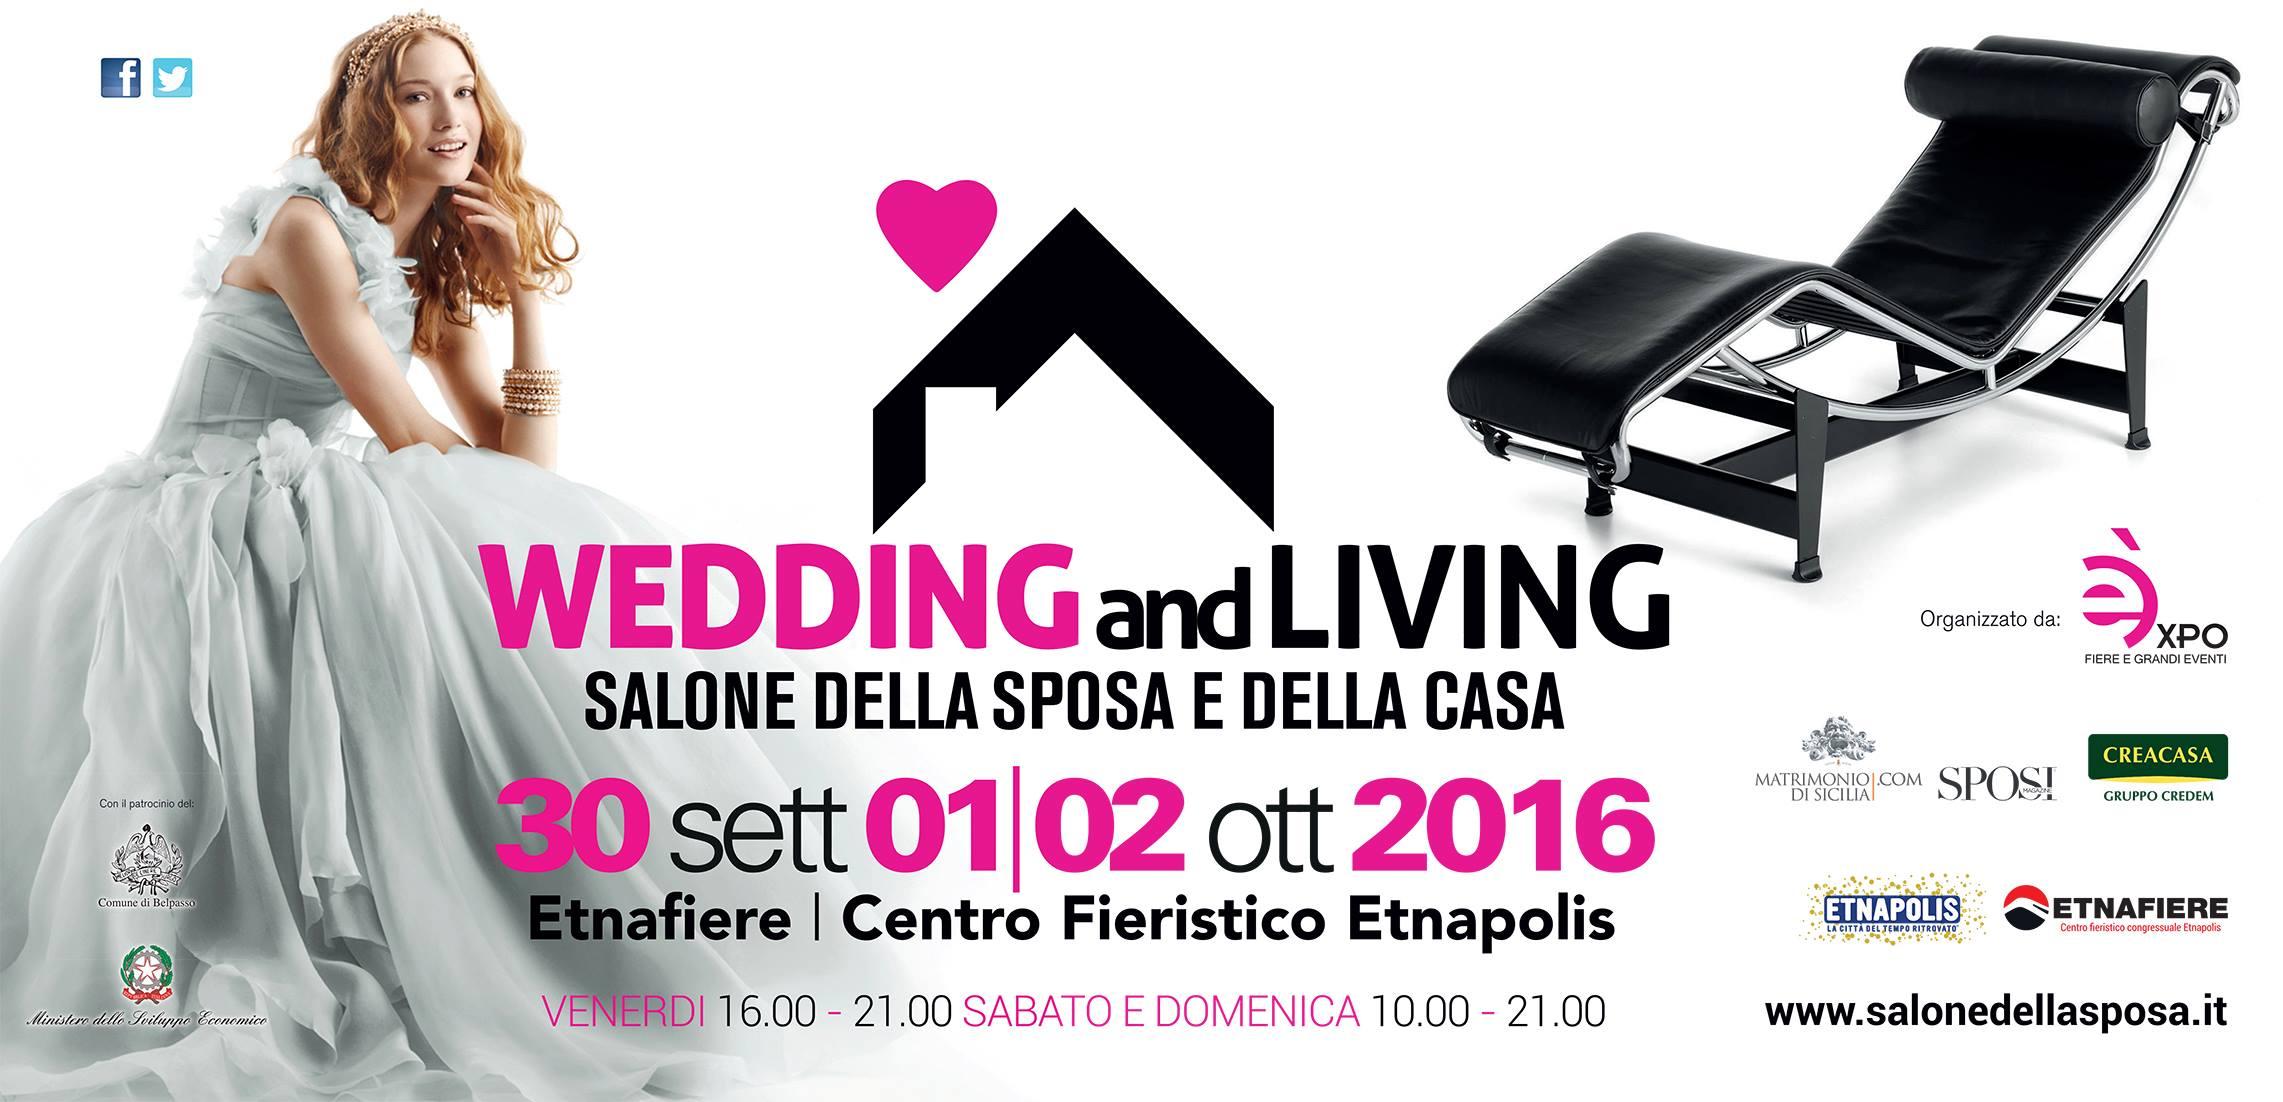 WEDDING AND LIVING – Salone della Sposa e della Casa in Sicilia